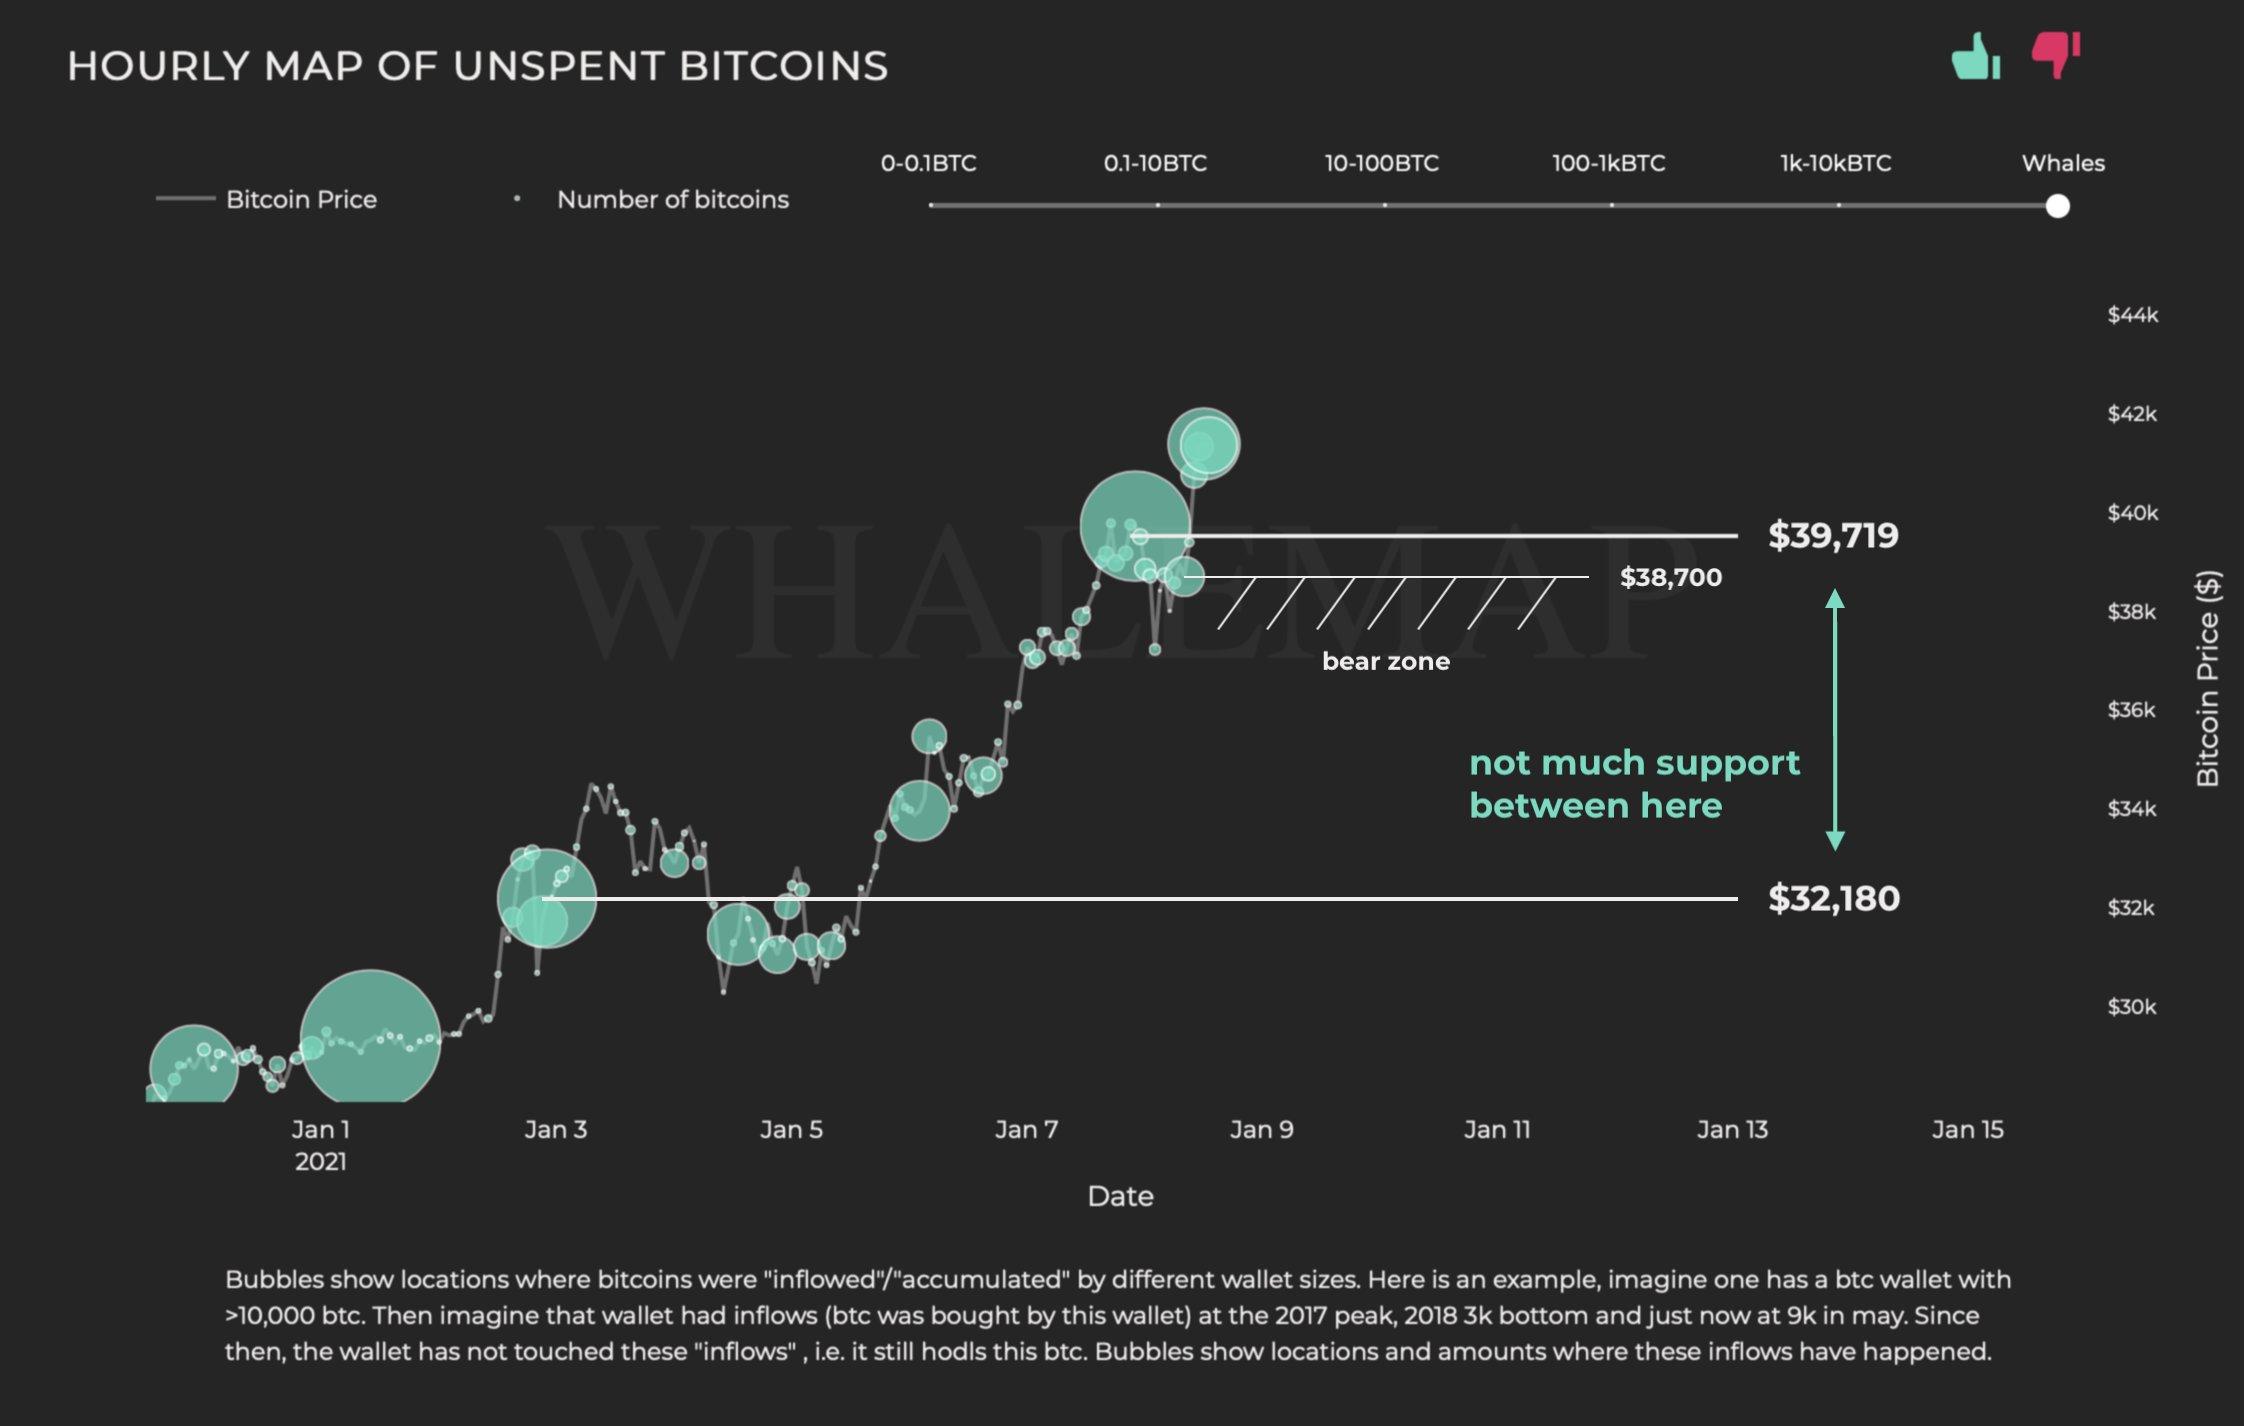 Gregório Duvivier își bate joc de Bitcoin pe Folha! - Criptoeconomie